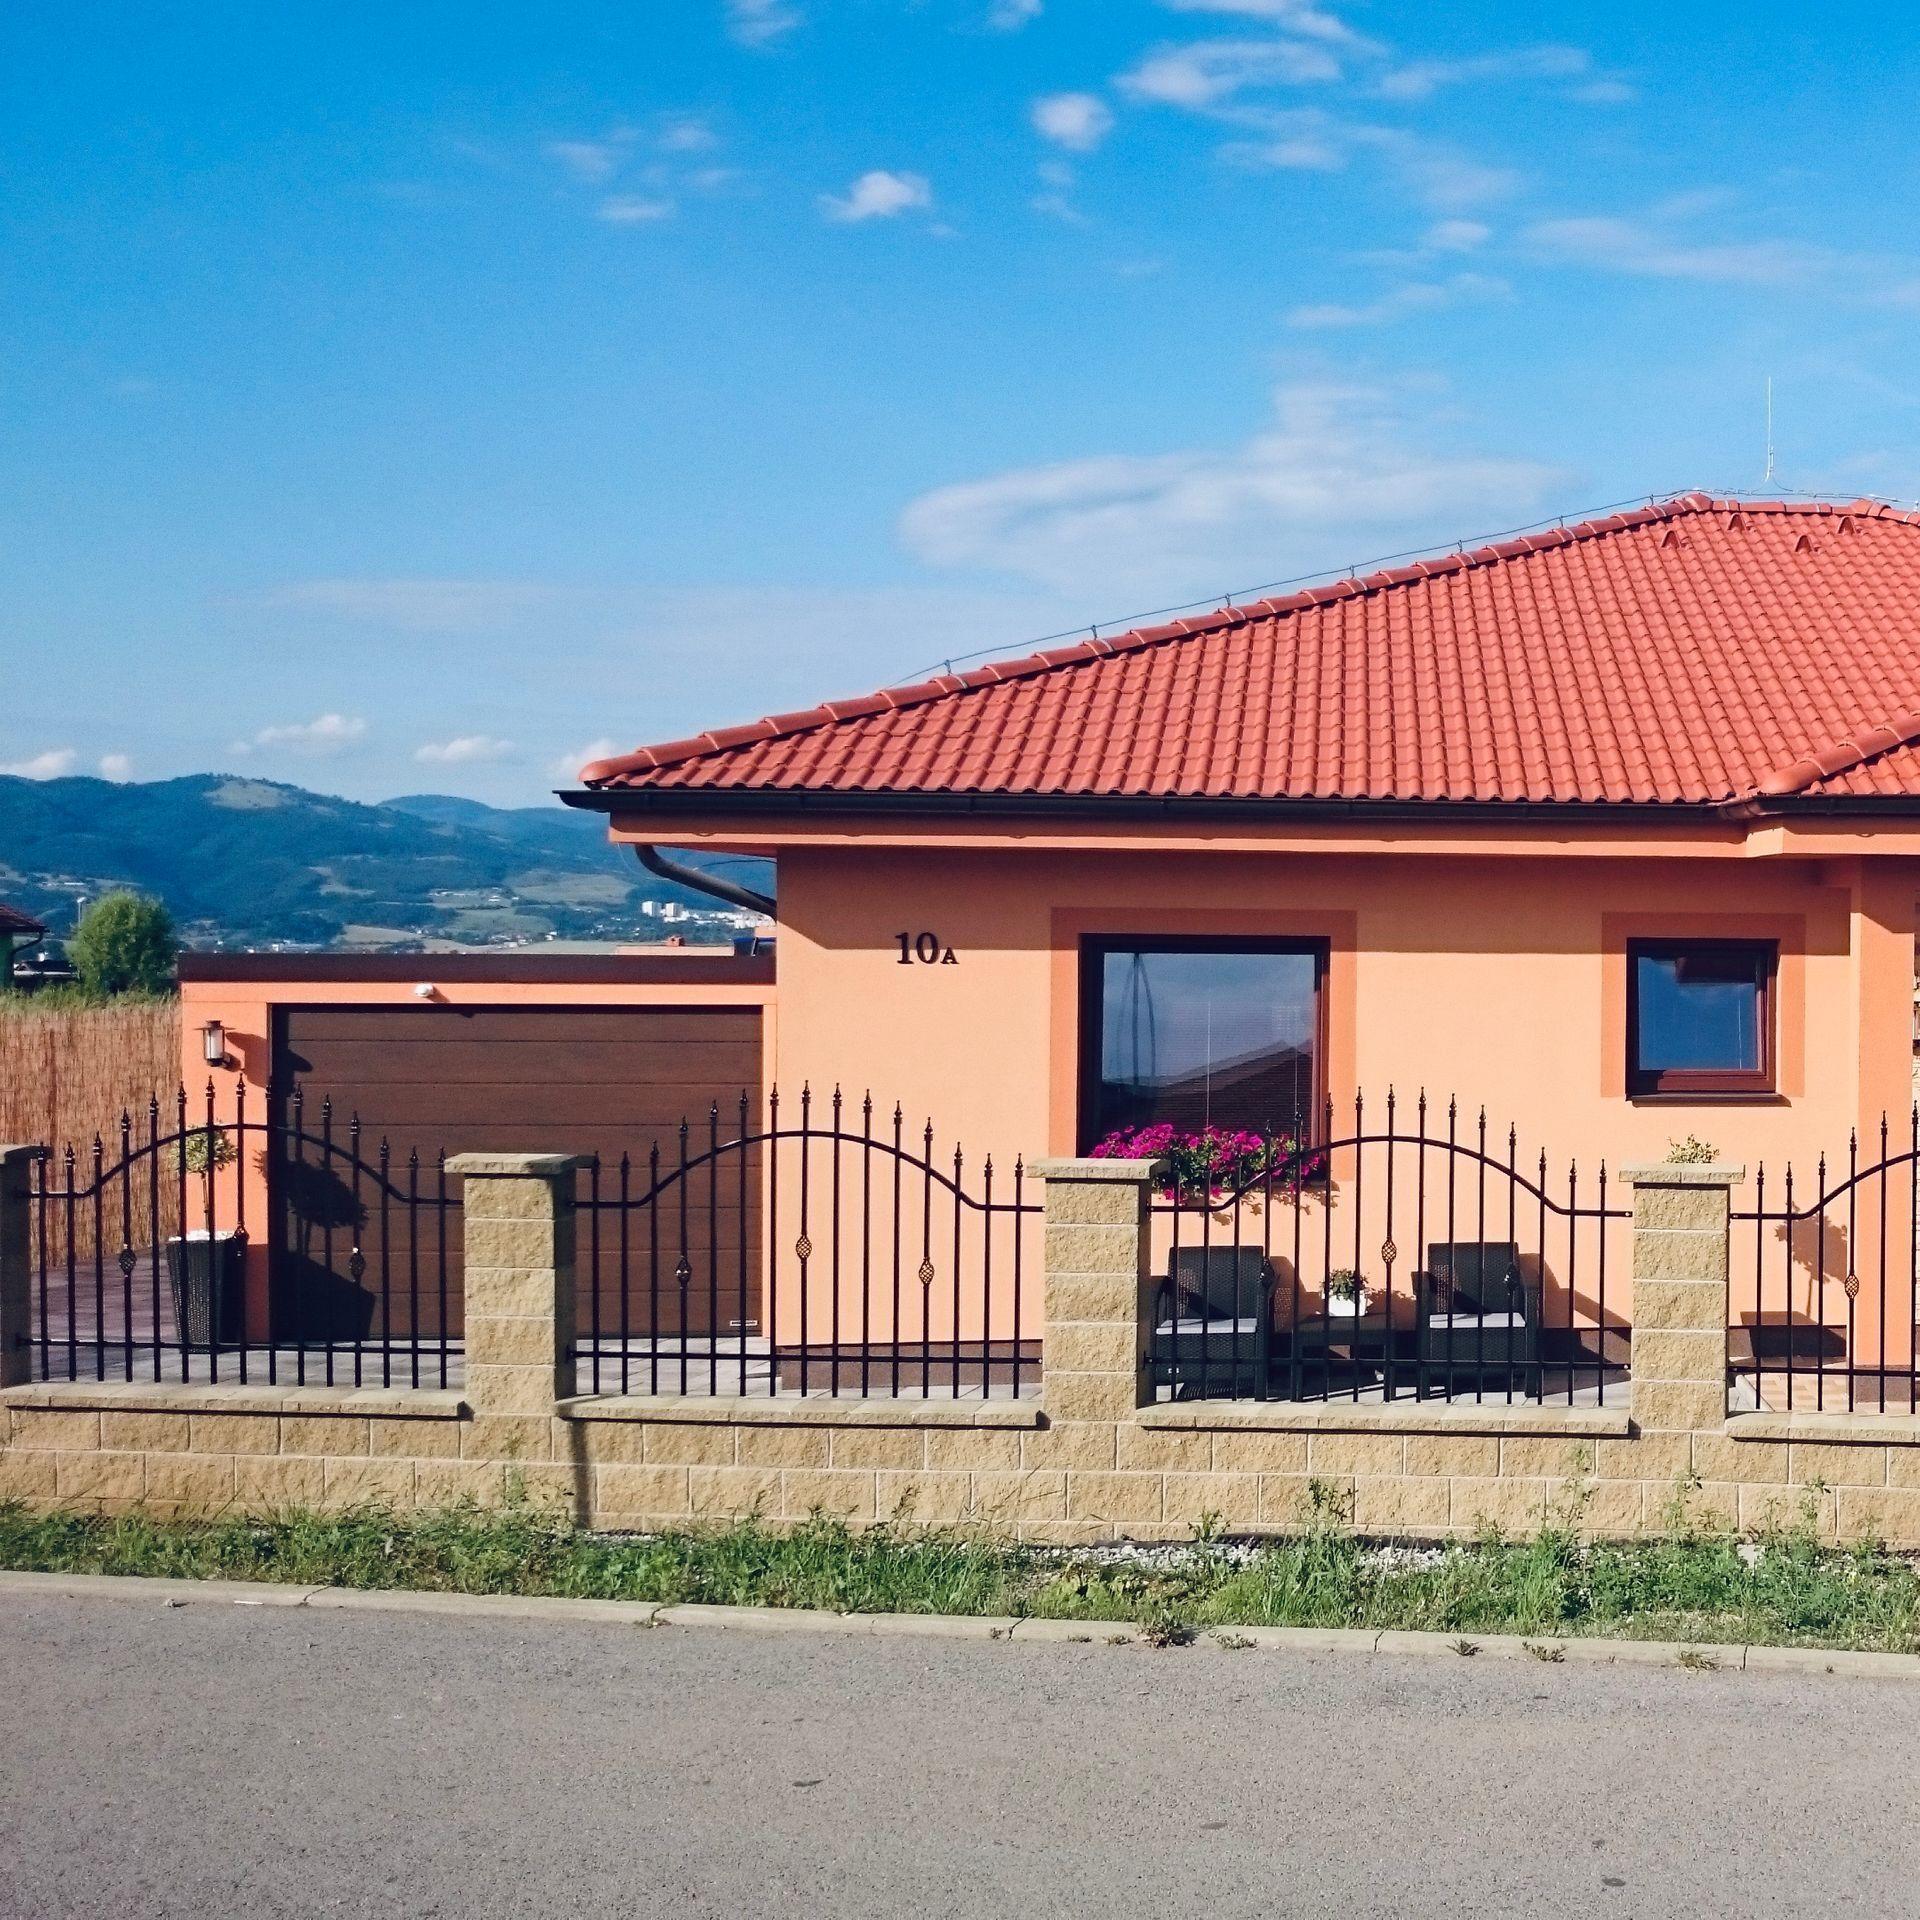 Garáž pri domčeku v marhuľovej farbe